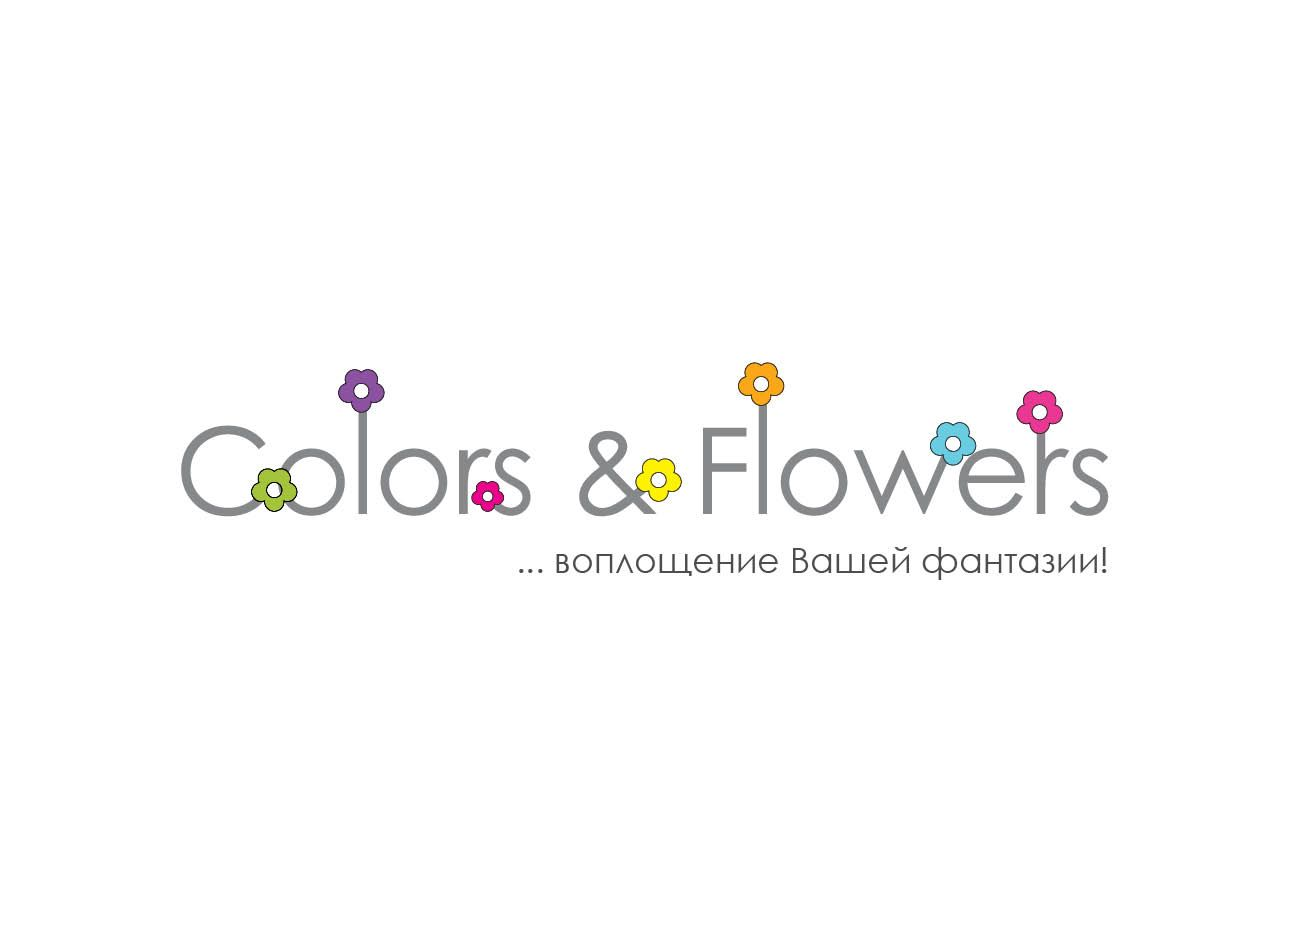 Colors & Flowers Логотип и фирменный стиль - дизайнер Alina_Ks